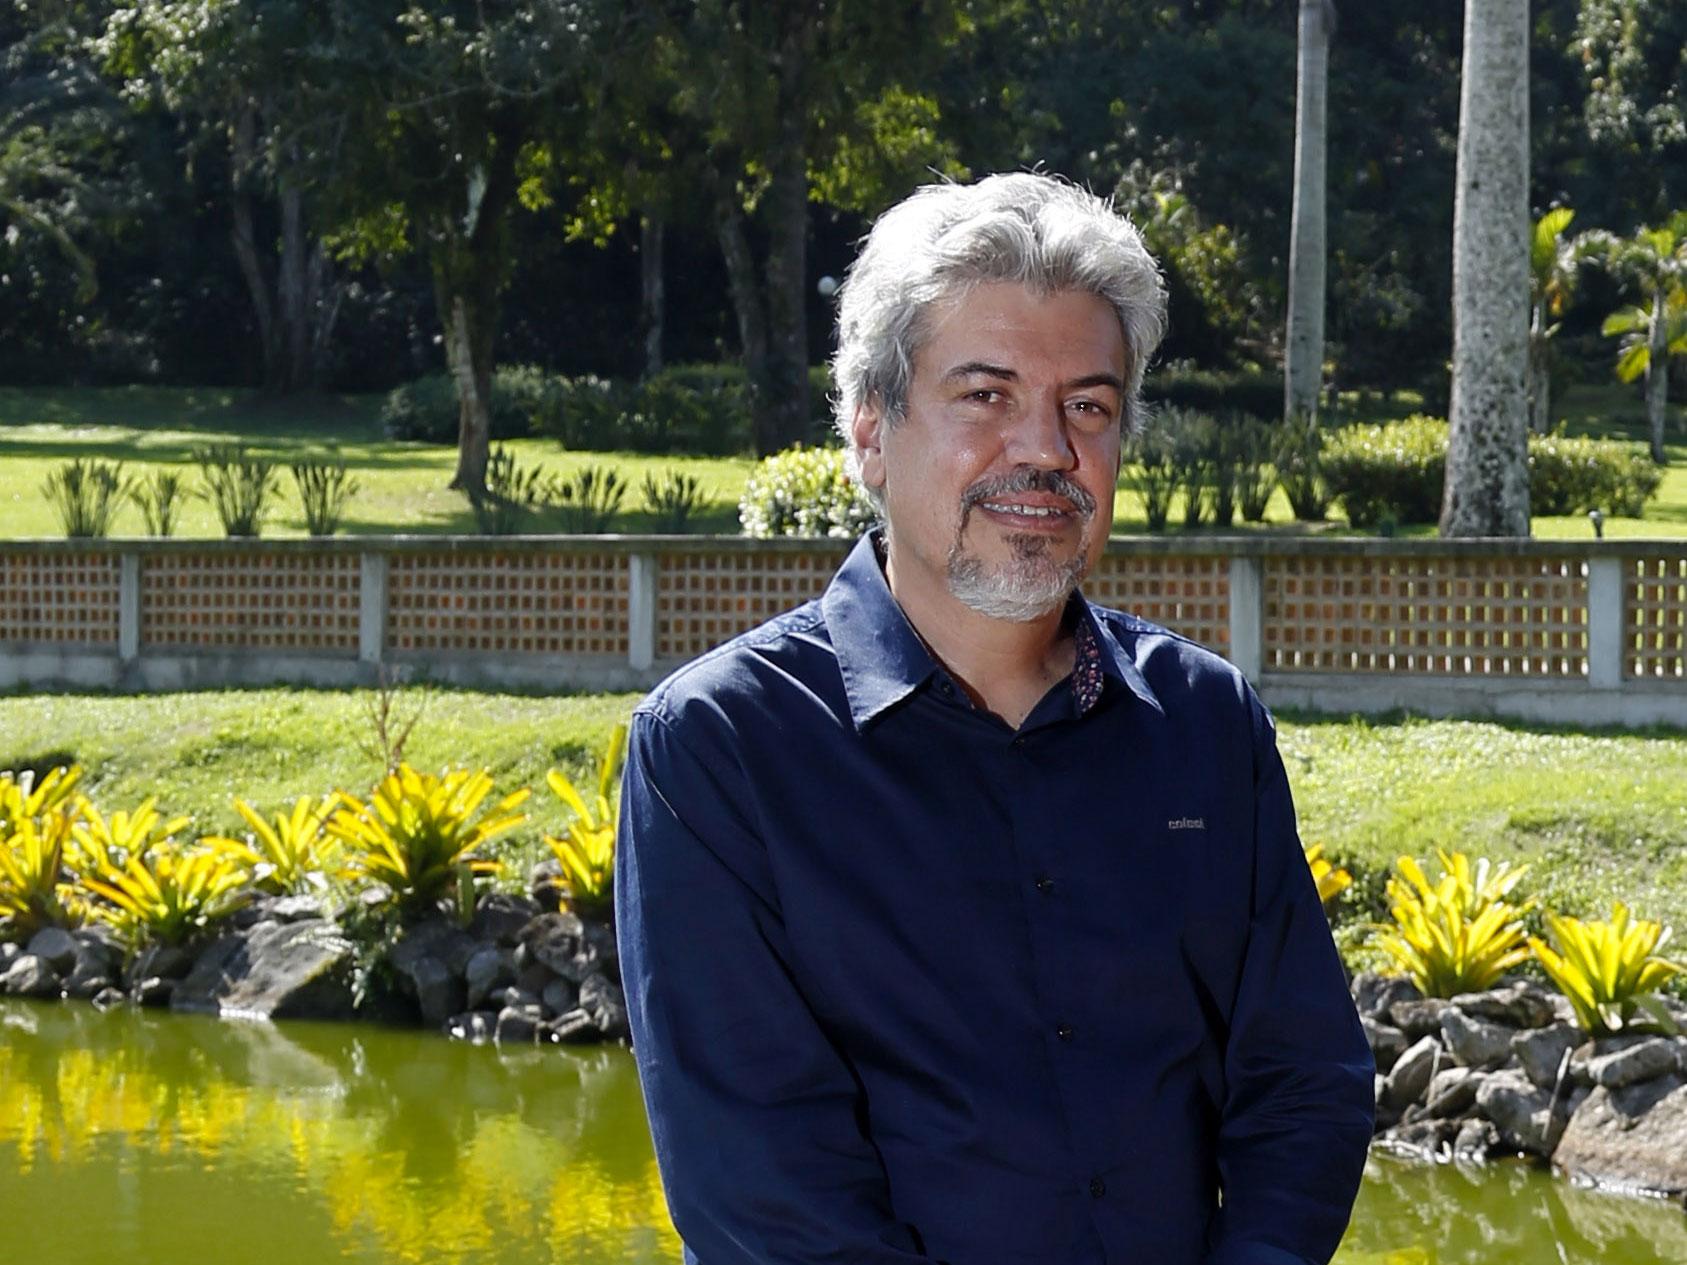 Coronavírus e o mercado de eventos, entrevista com Ugo Salema, CEO do Lajedo